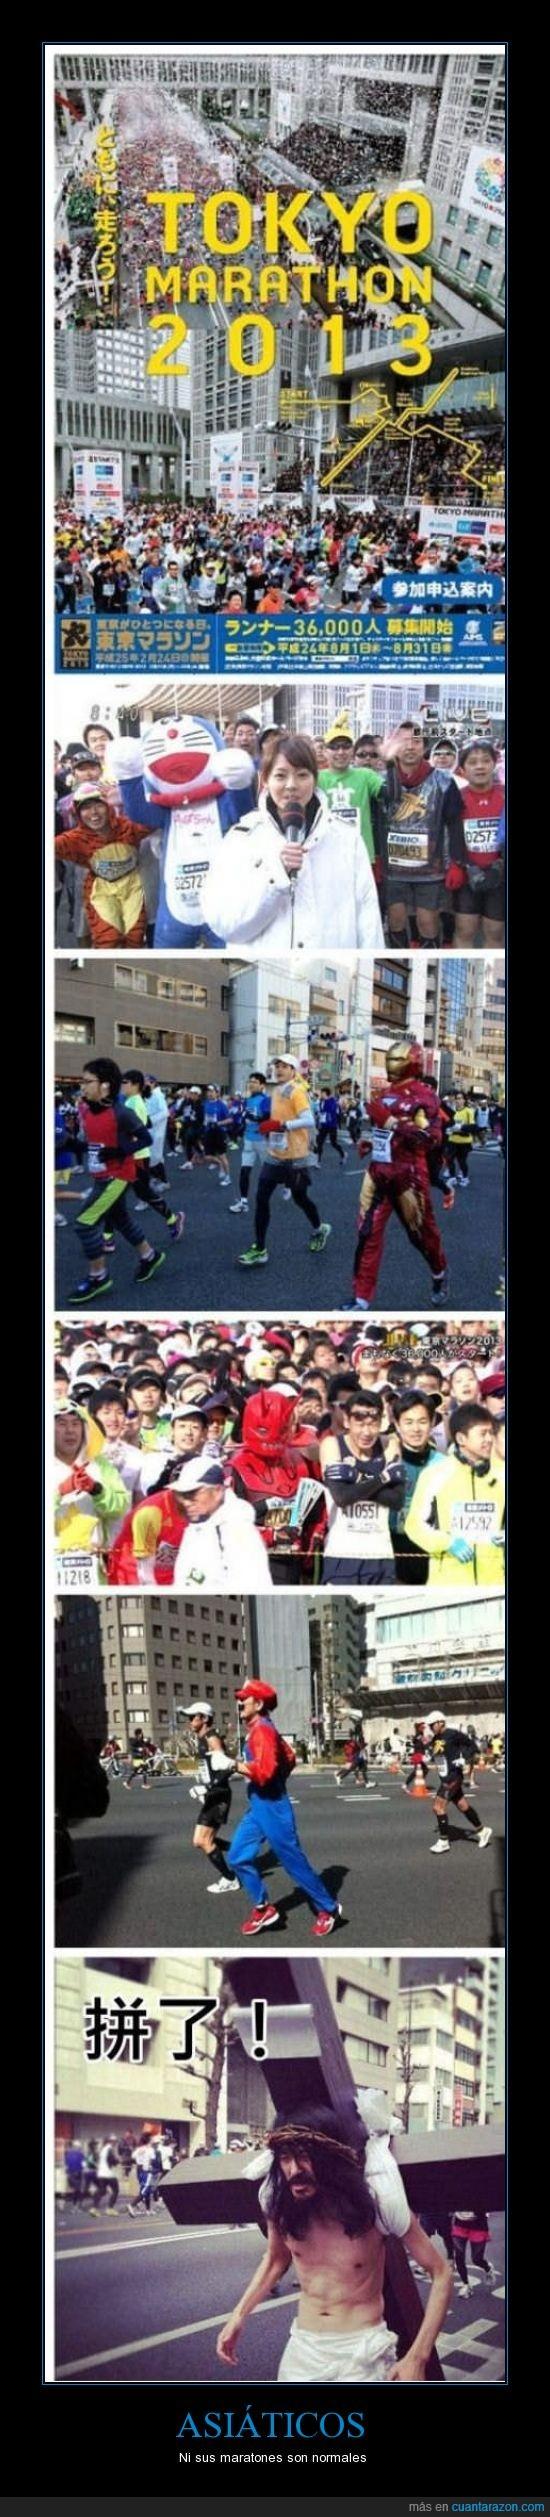 asiáticos,correr,Iron Man,Japón,Jesús,maratón,mítico,personas,Tokyo